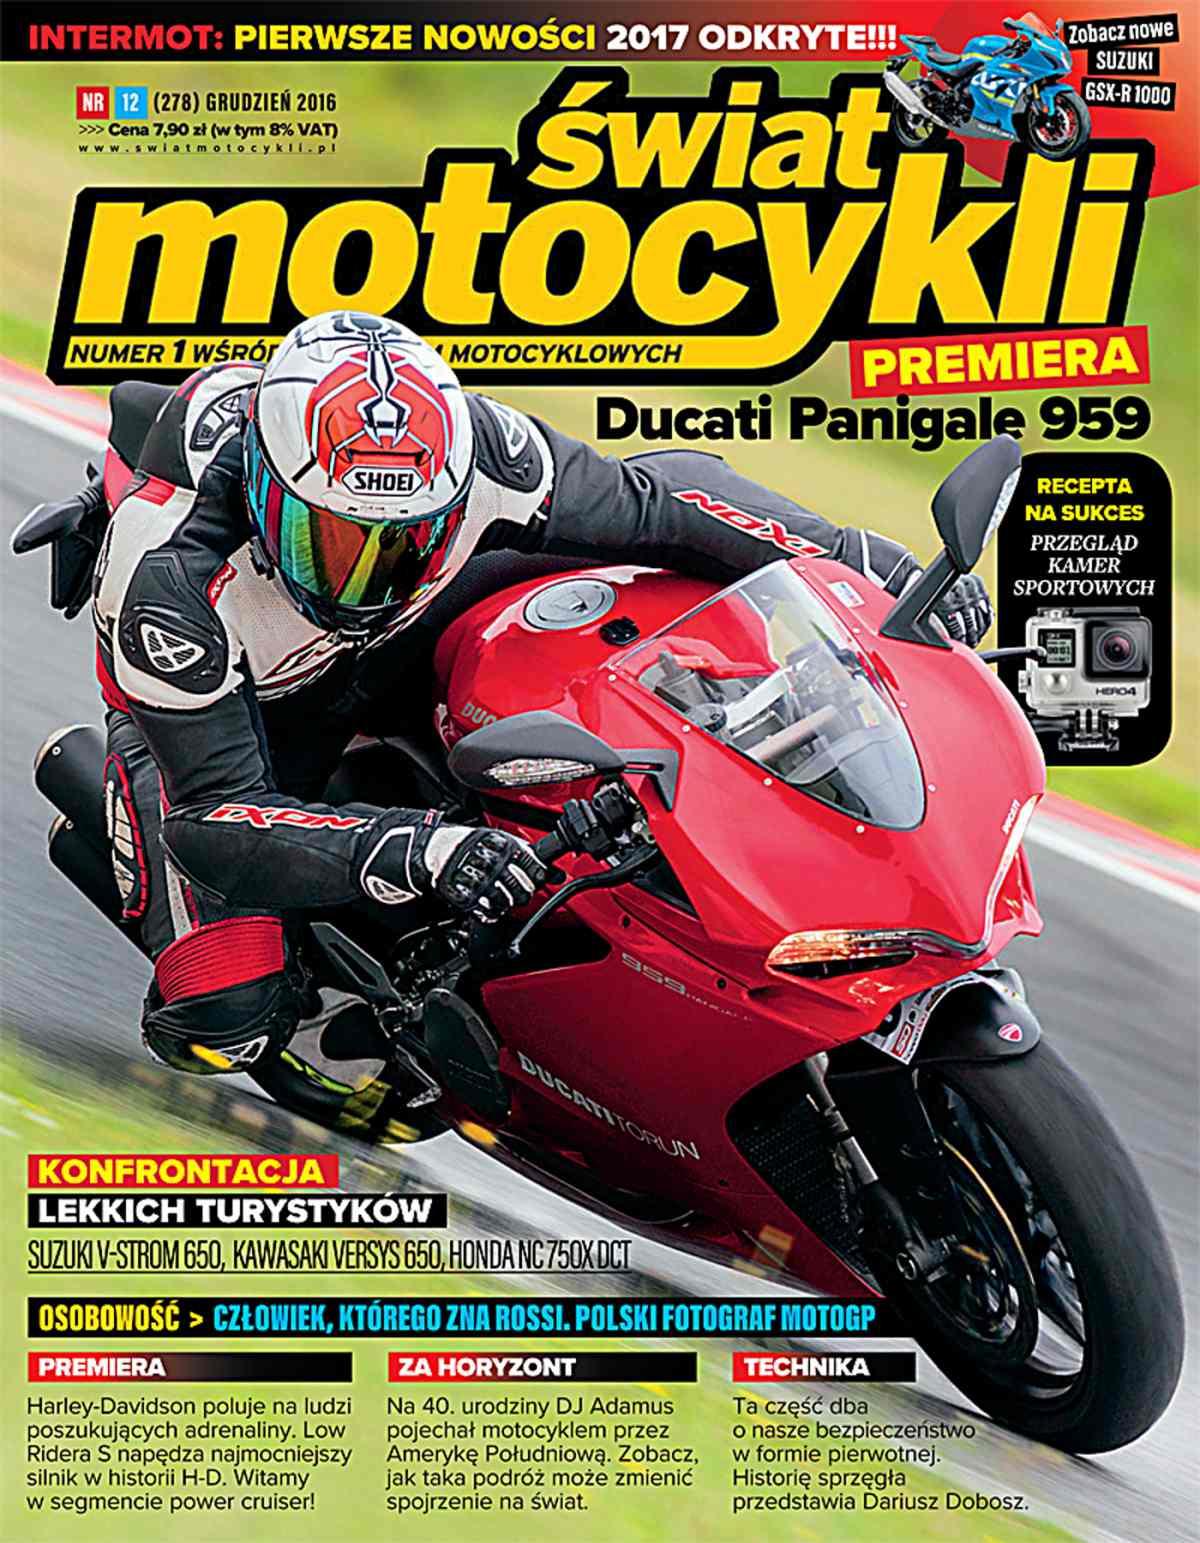 Świat Motocykli 12/2016 - Ebook (Książka PDF) do pobrania w formacie PDF